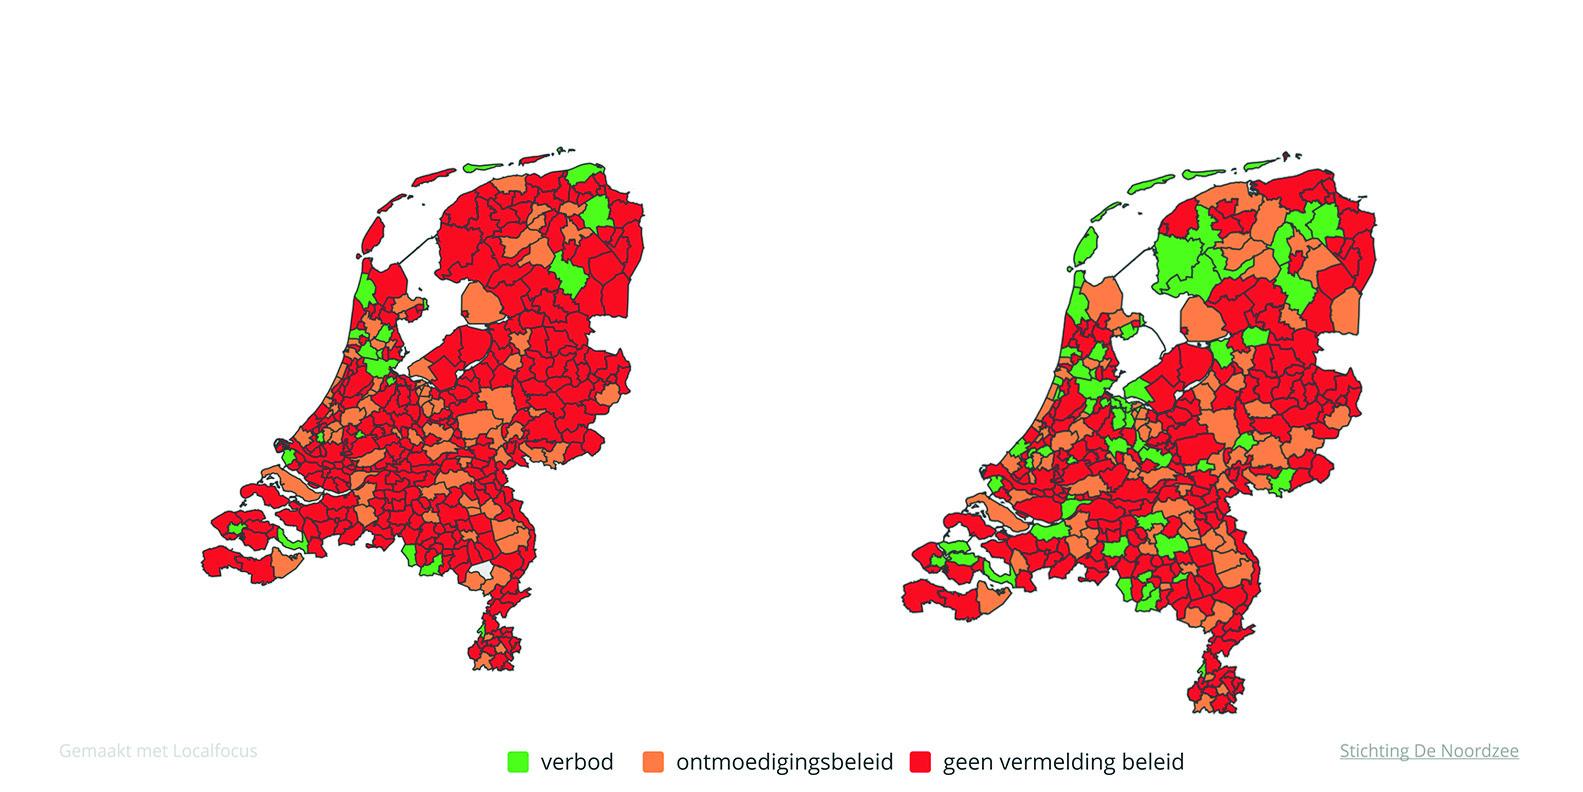 Status landelijke invulling ontmoedigingsbeleid ballonoplatingen in 2018 en in 2019.Bron: Stichting De Noordzee